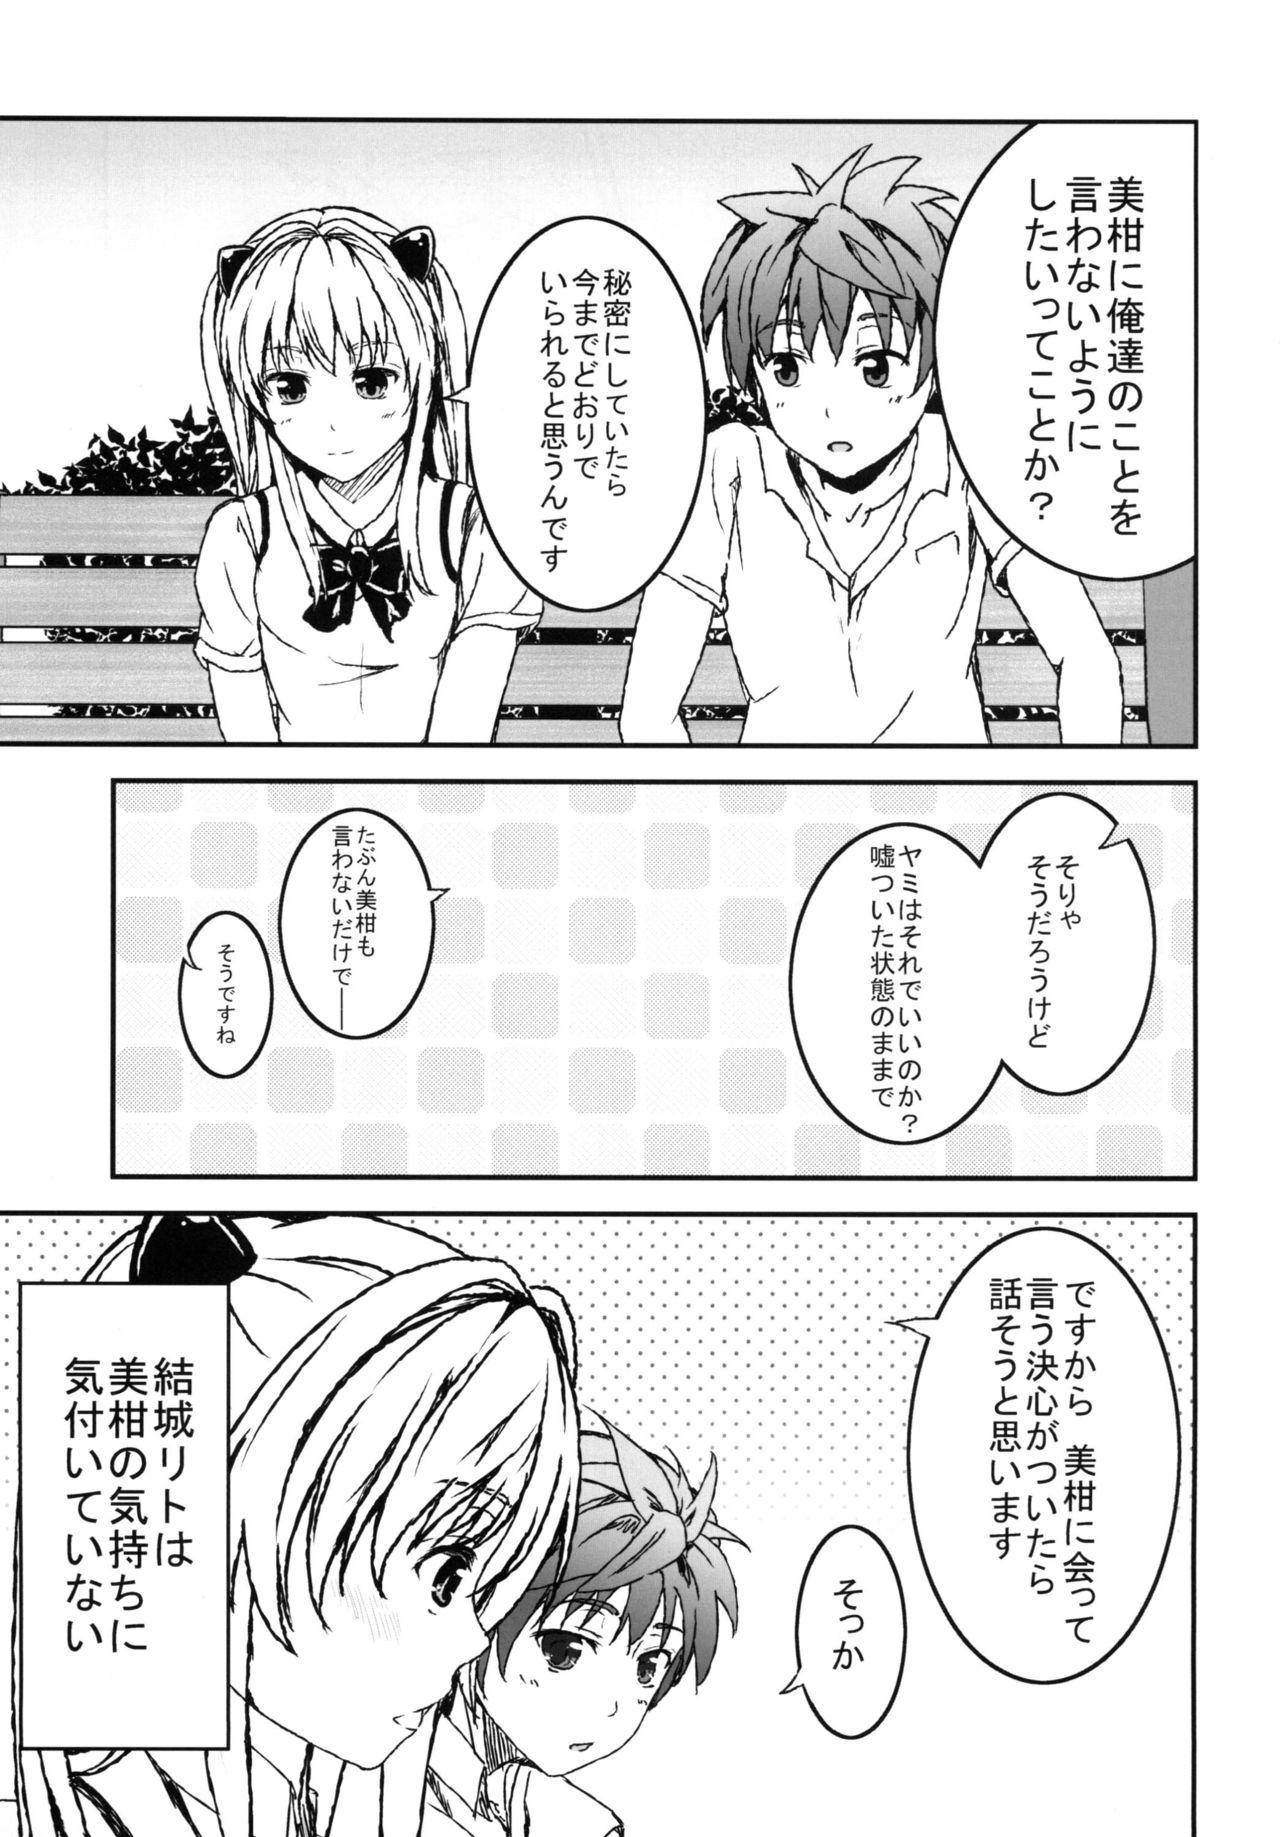 Yami ToLOVEru to Mikan ga Shitto Suru 4